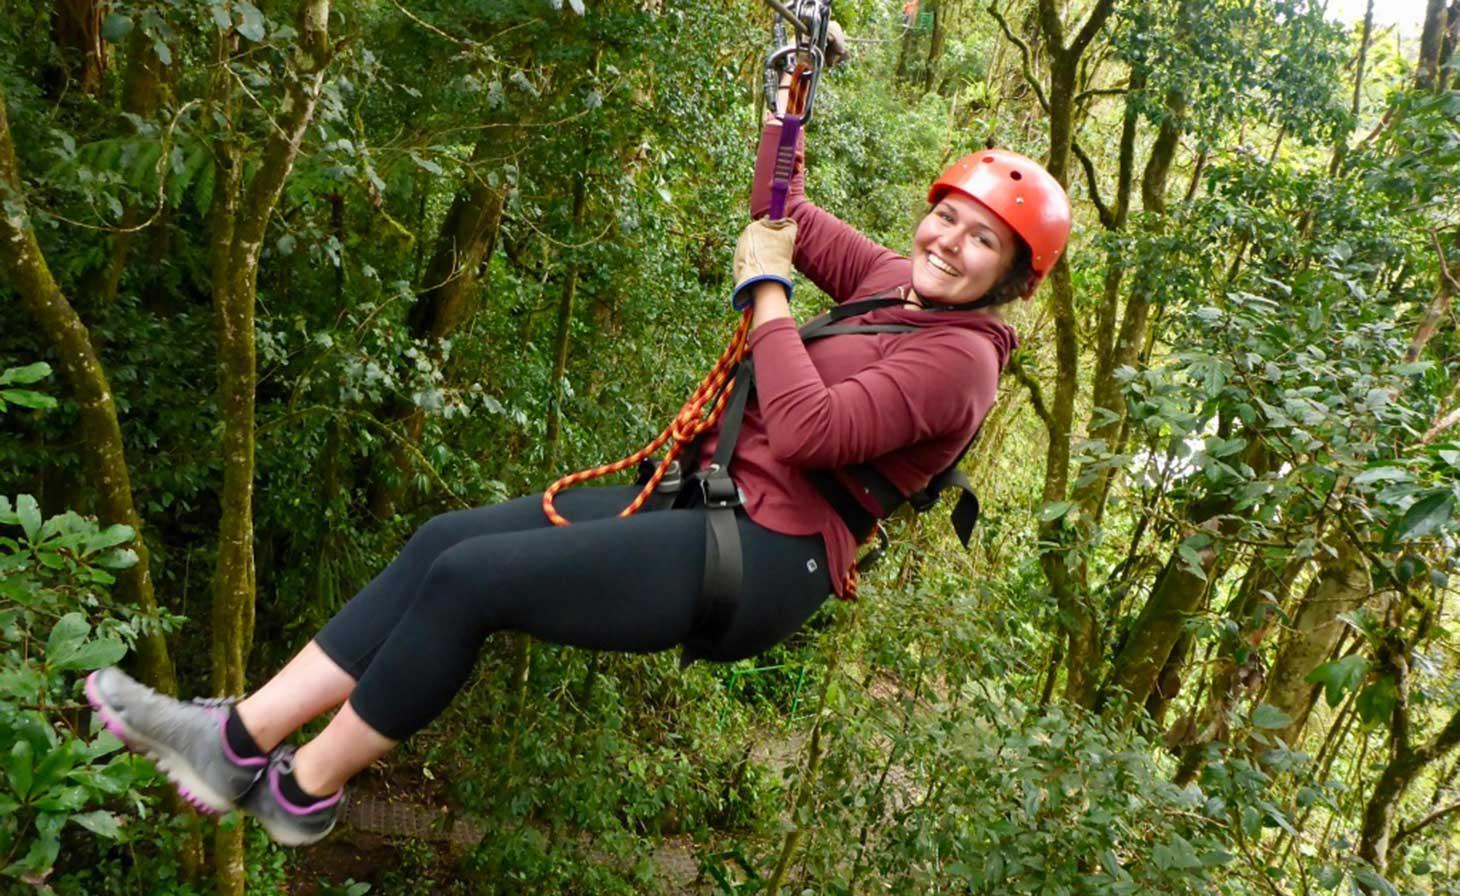 Rachel Ann Blood zip lining through tropical rainforest